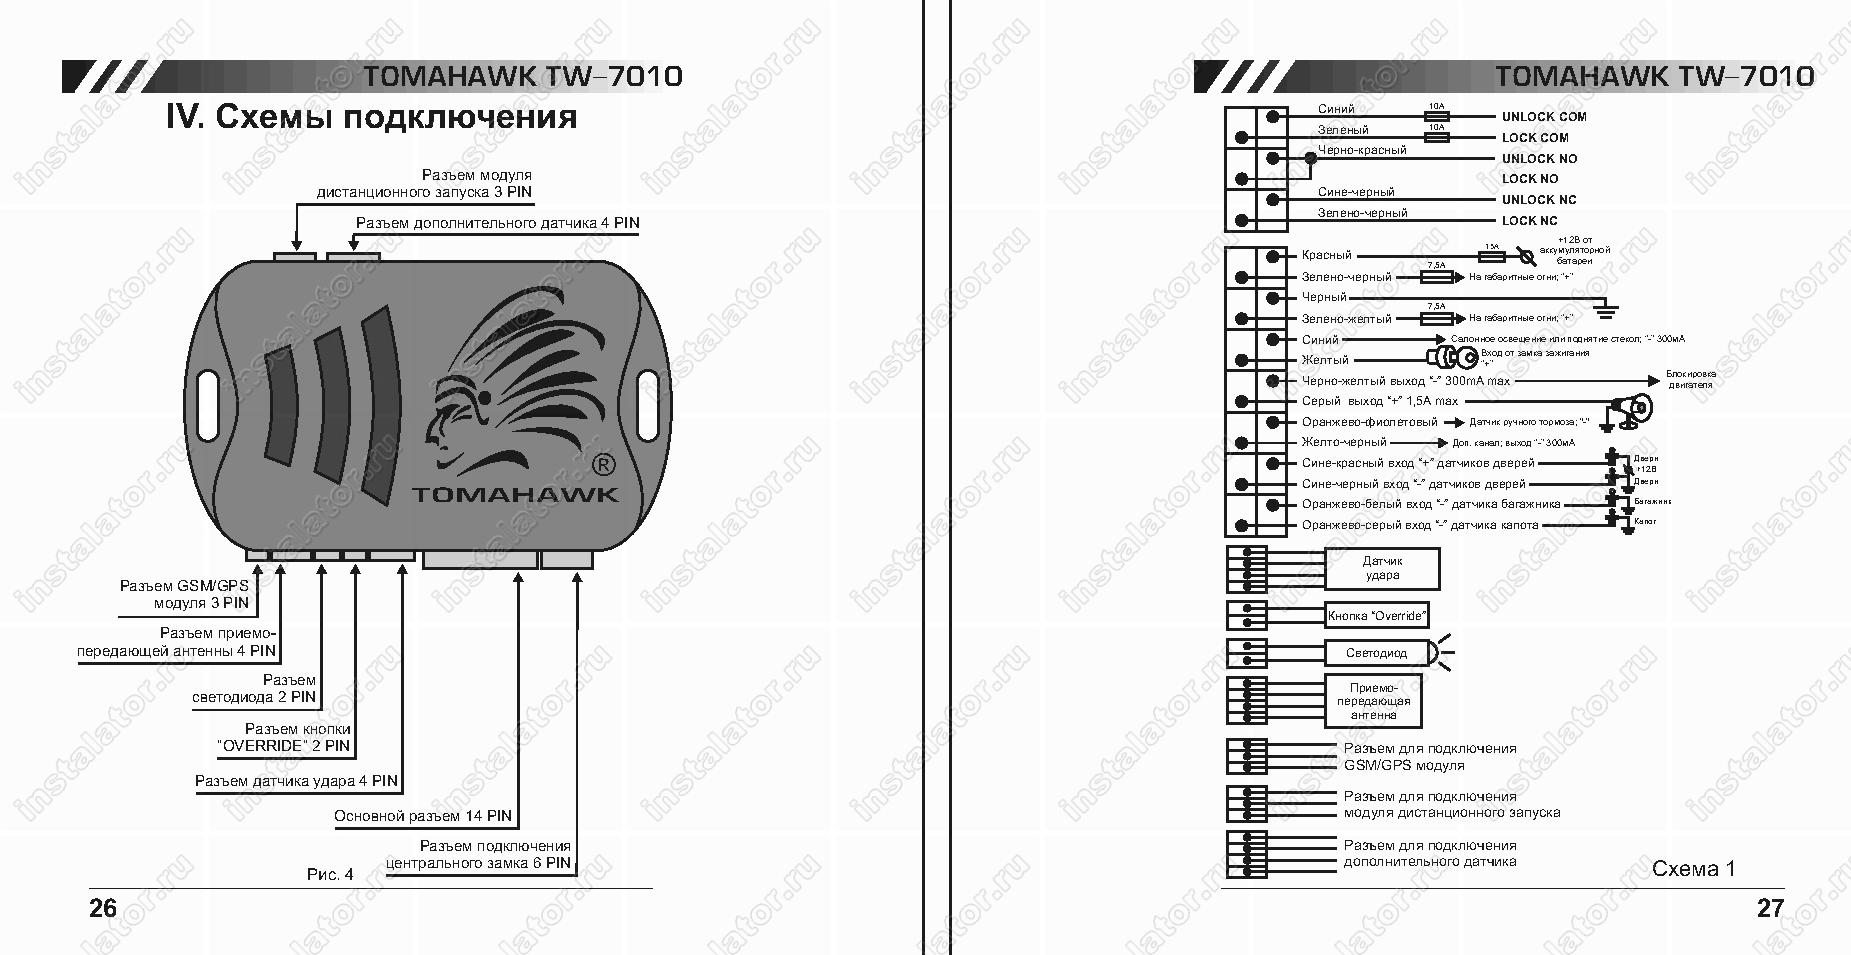 Схемы от сигнализации tomahawk 7000